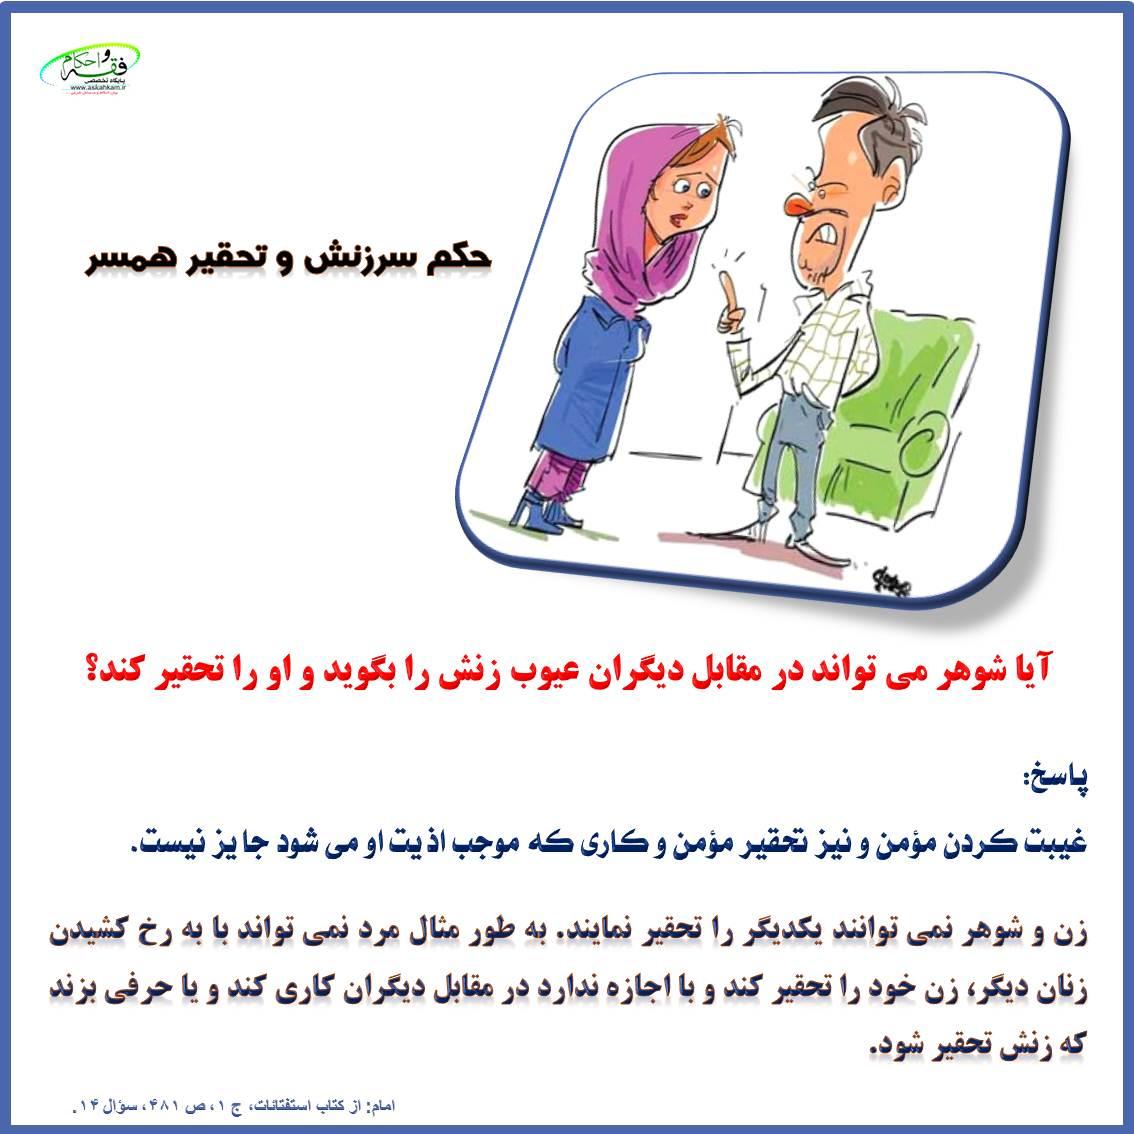 حکم سرزنش و تحقیر همسر